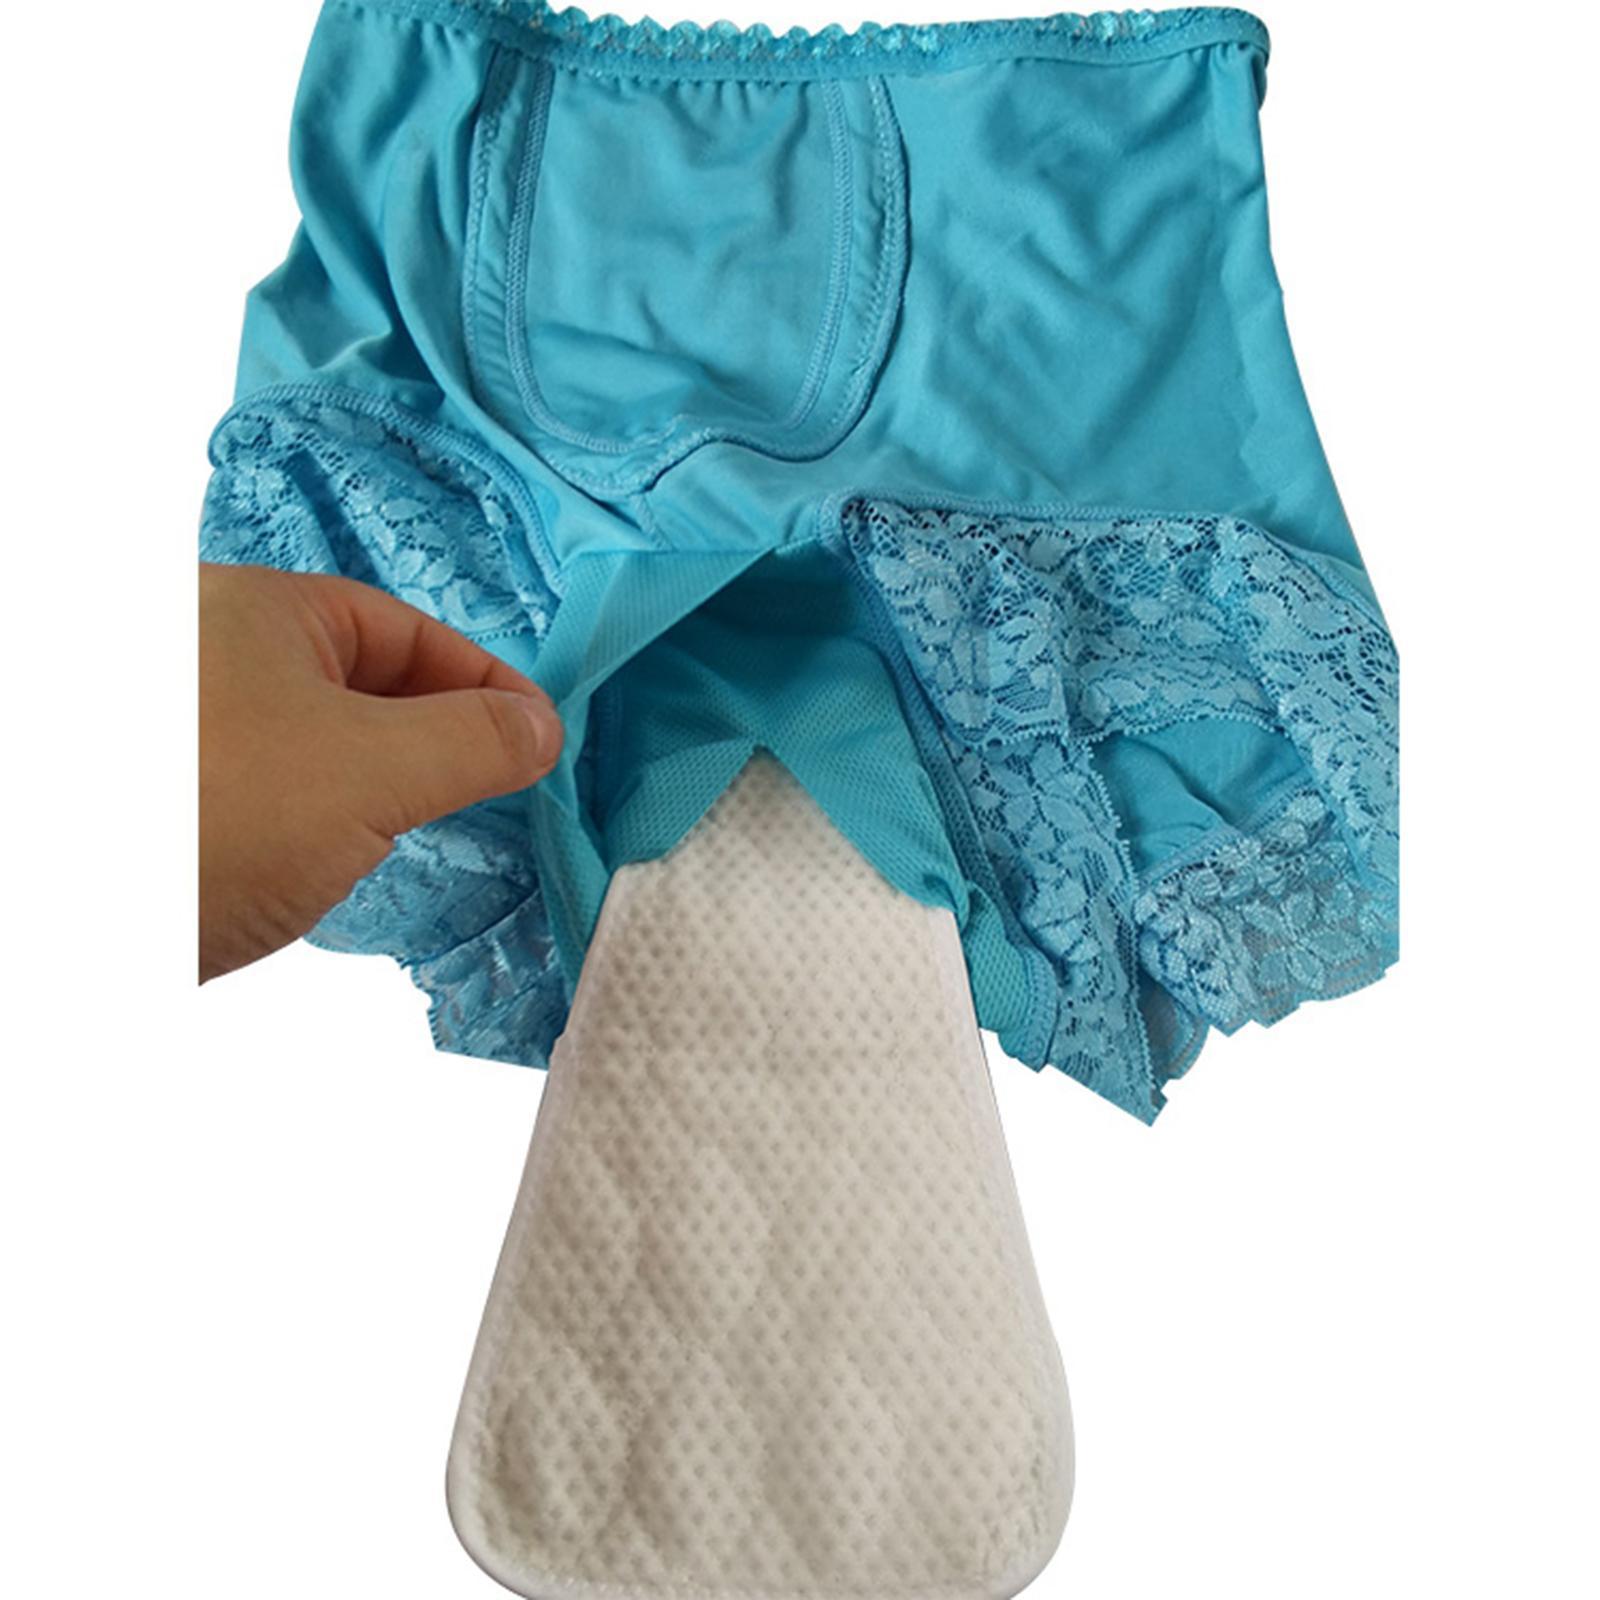 Indexbild 22 - Wiederverwendbare Inkontinenz Unterwäsche mit Pad für Frauen Menstruations